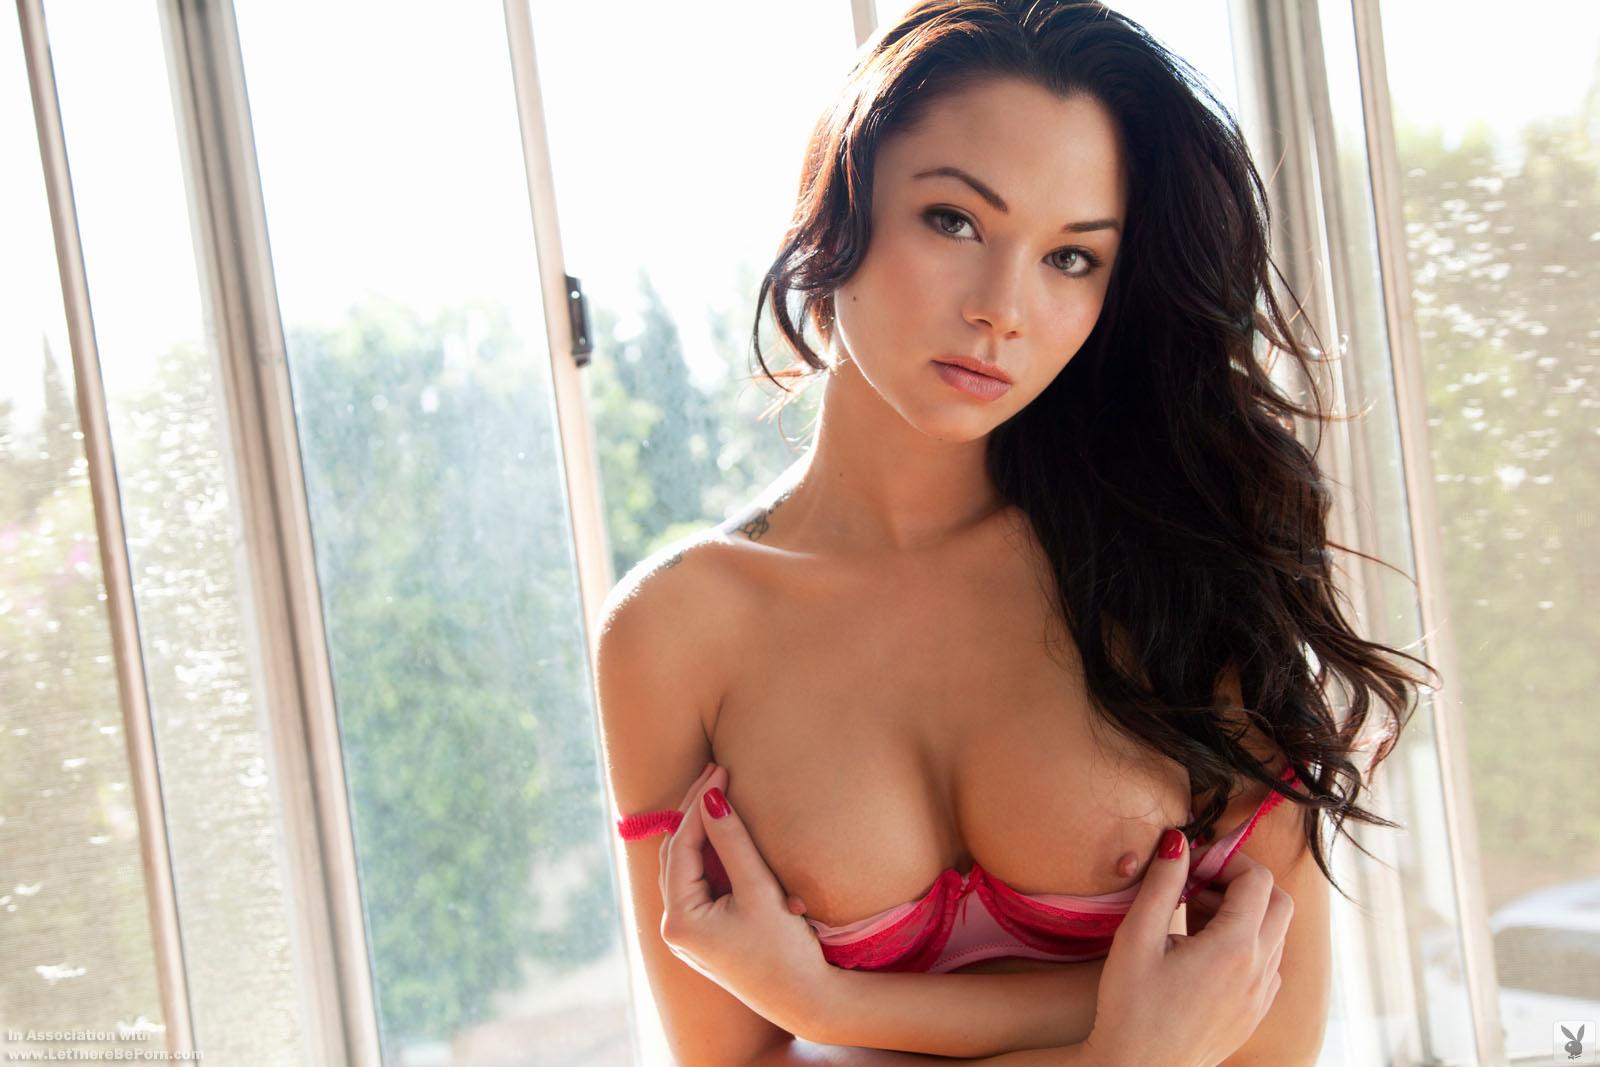 Zdjęcie porno - jennie reid   playboy plus original 001 - Brunetka z sylikonowymi cycami